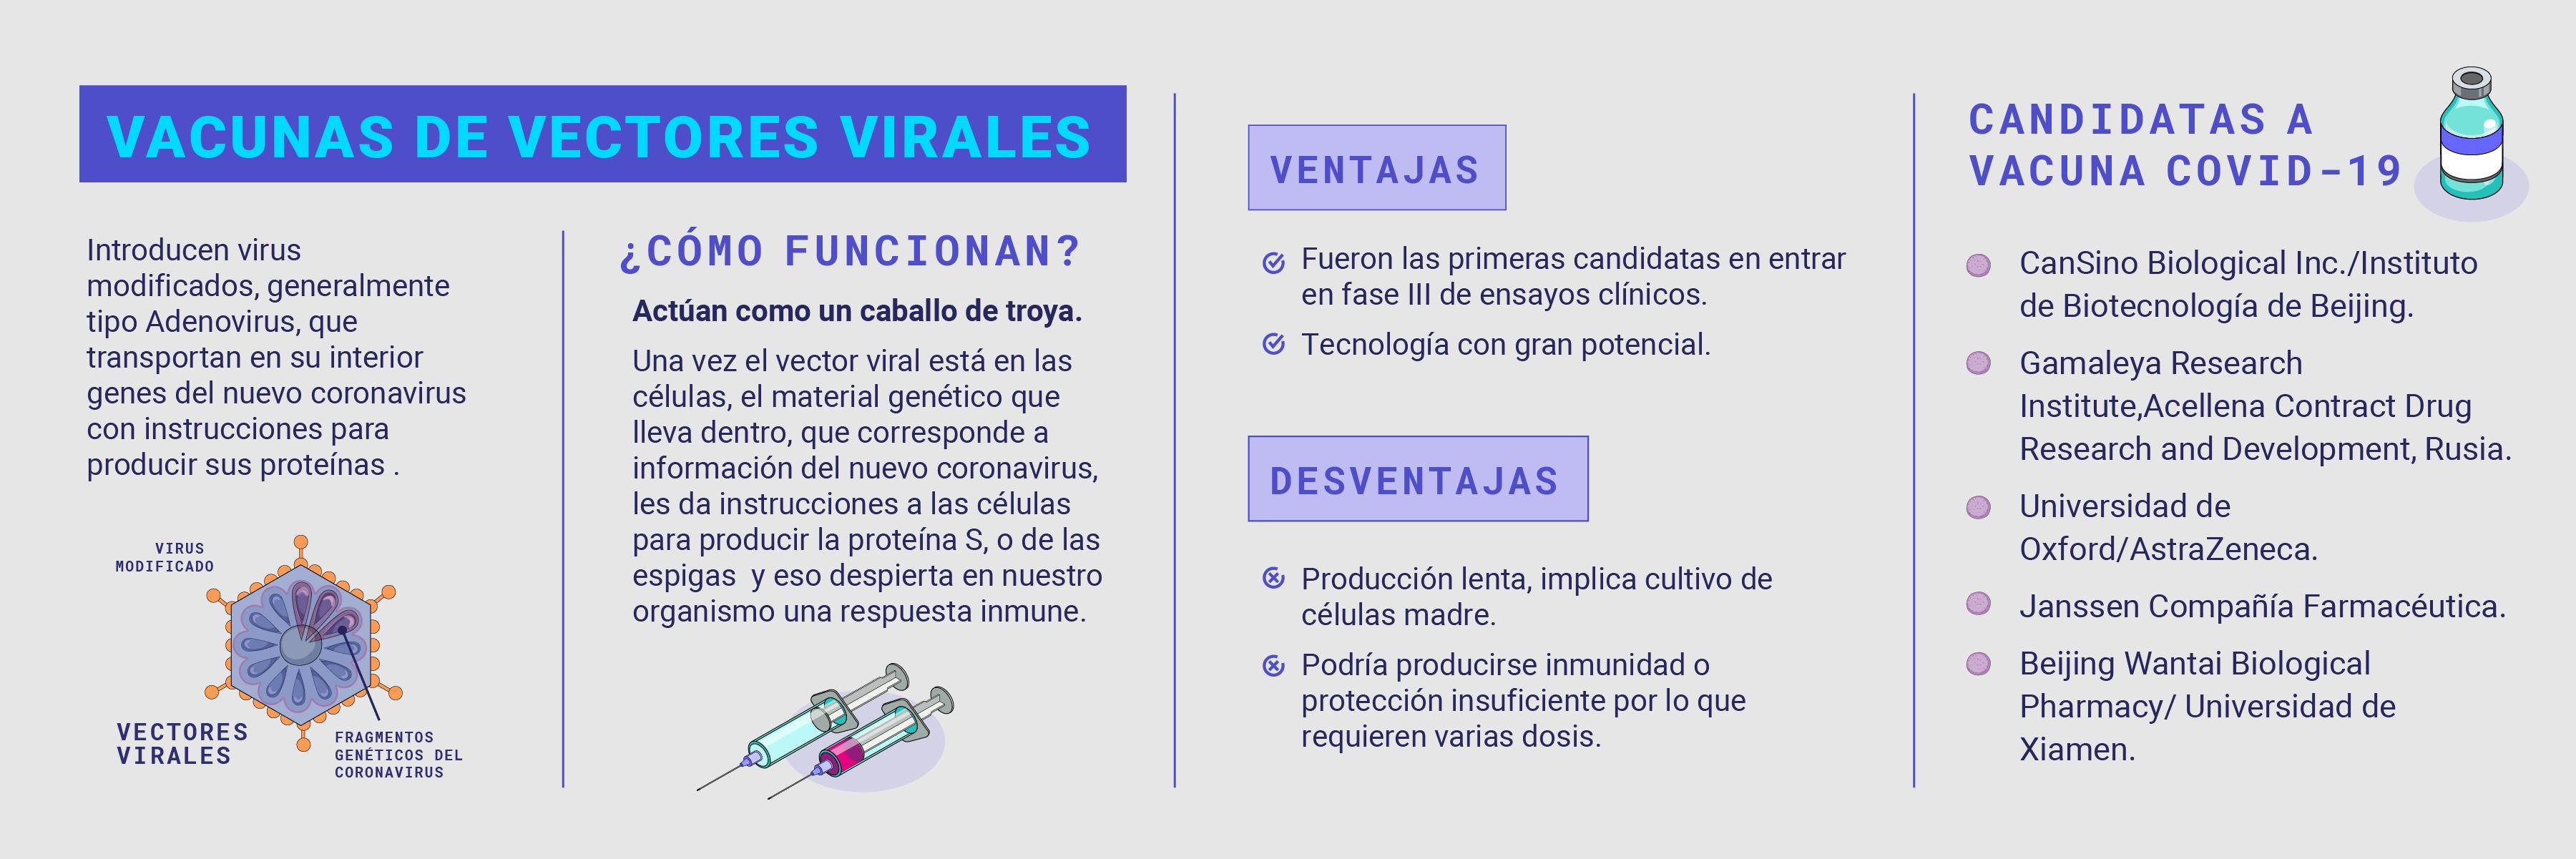 vacuna de vectores virales